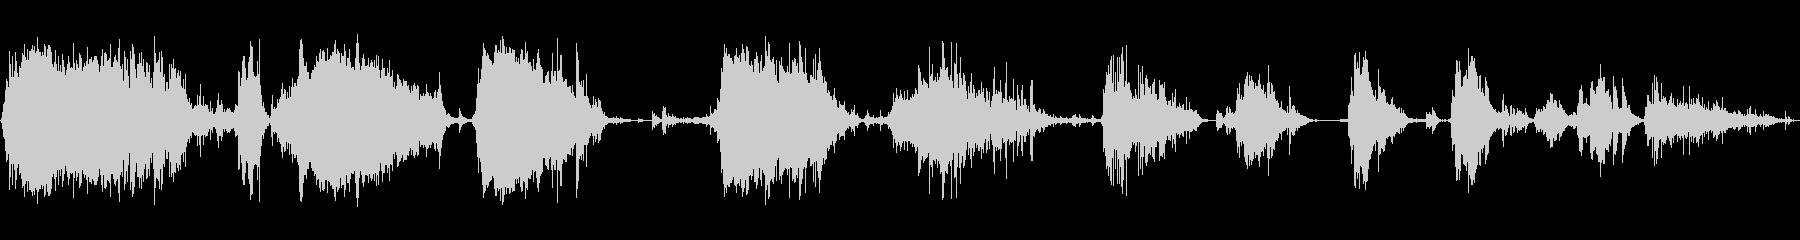 メタルデブリスクレープ4の未再生の波形